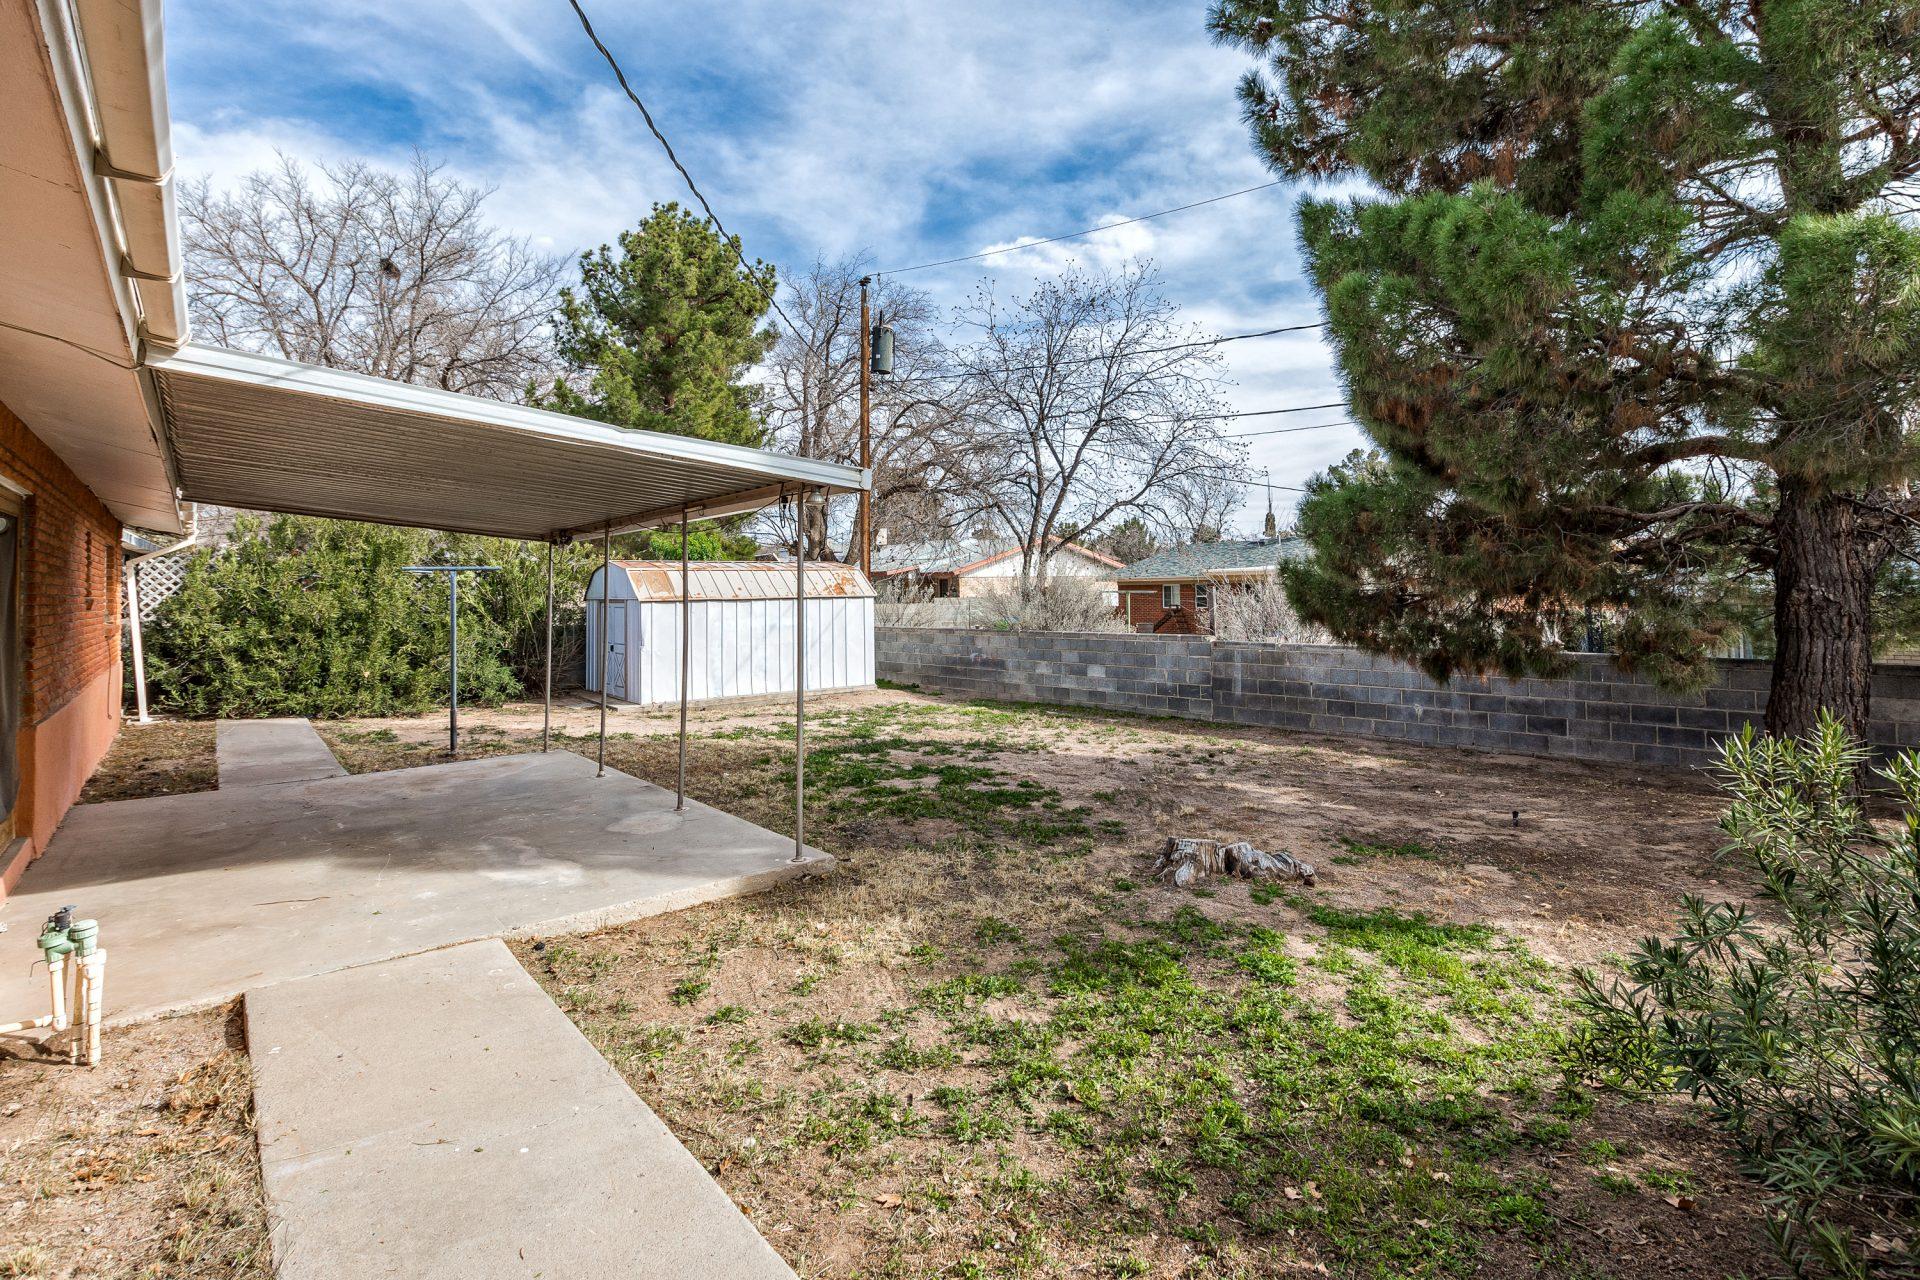 2030 Austin Dr, Las Cruces, NM